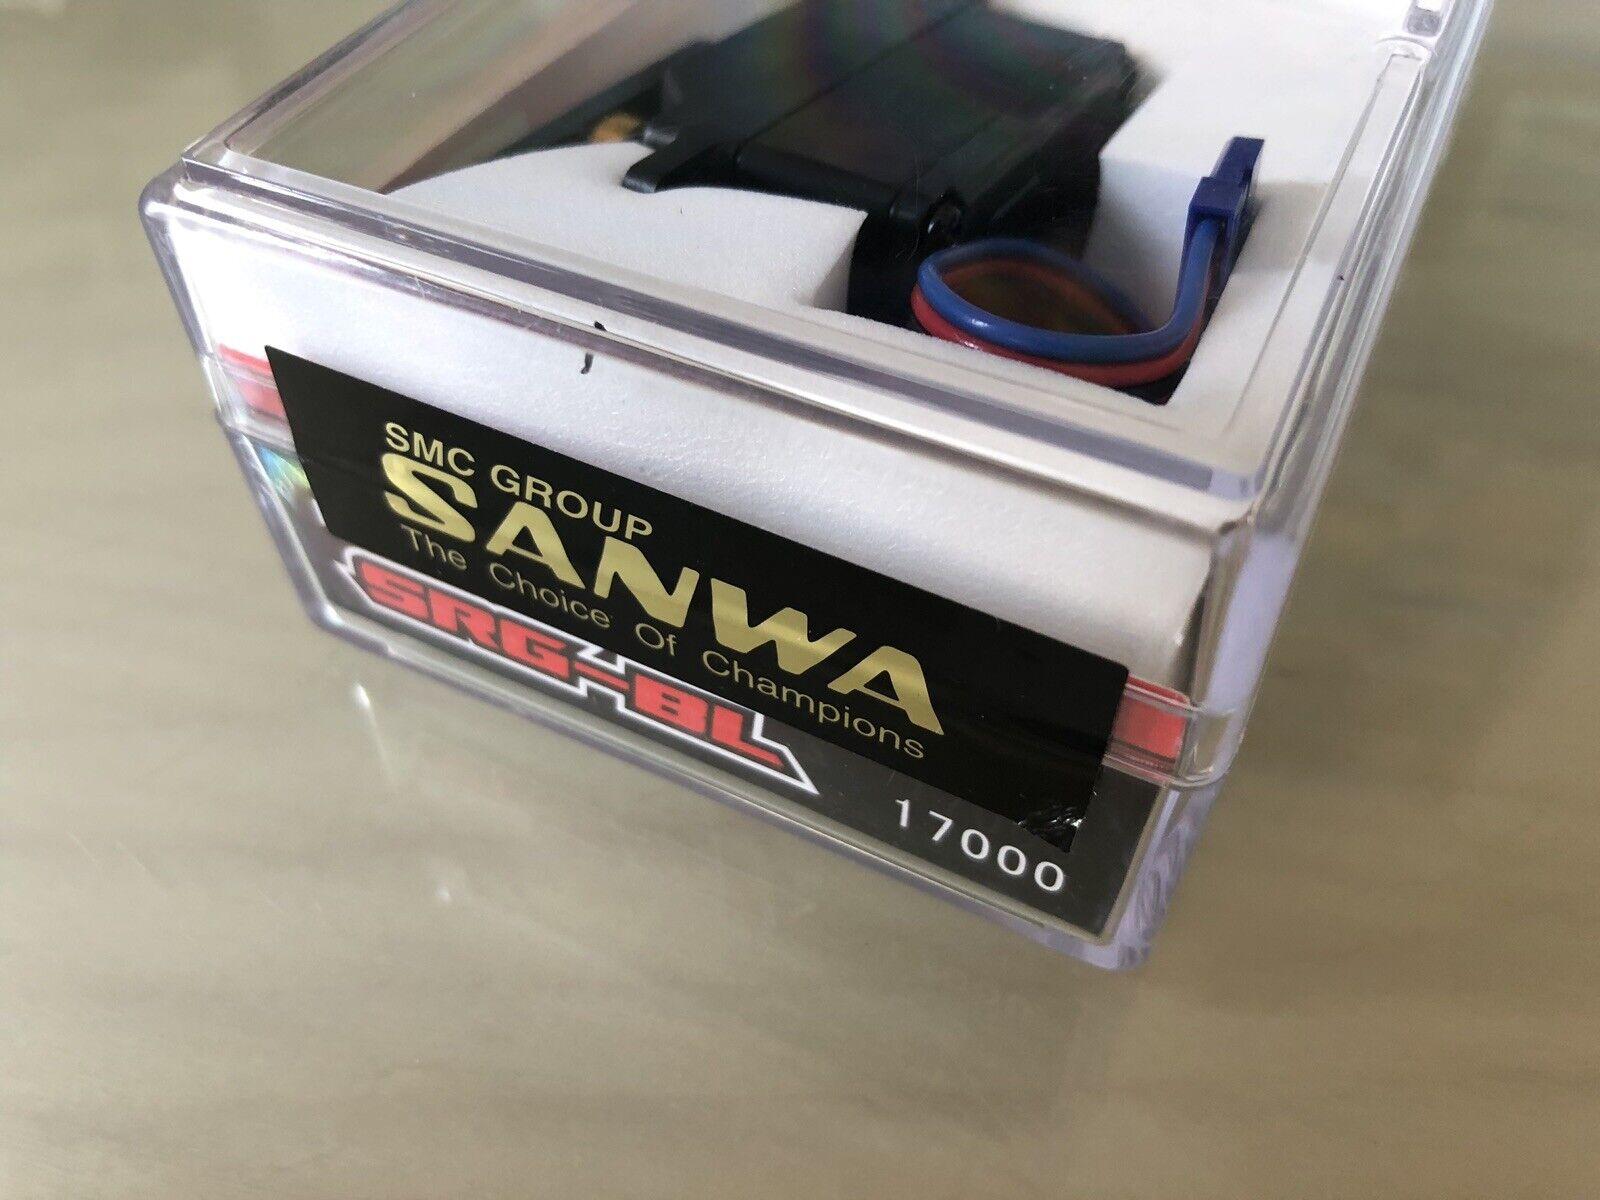 Sanwa SRG-BL Servo BNIB.Låg profil.Savox PGS högsta effekt Propo Futaba Rsx3